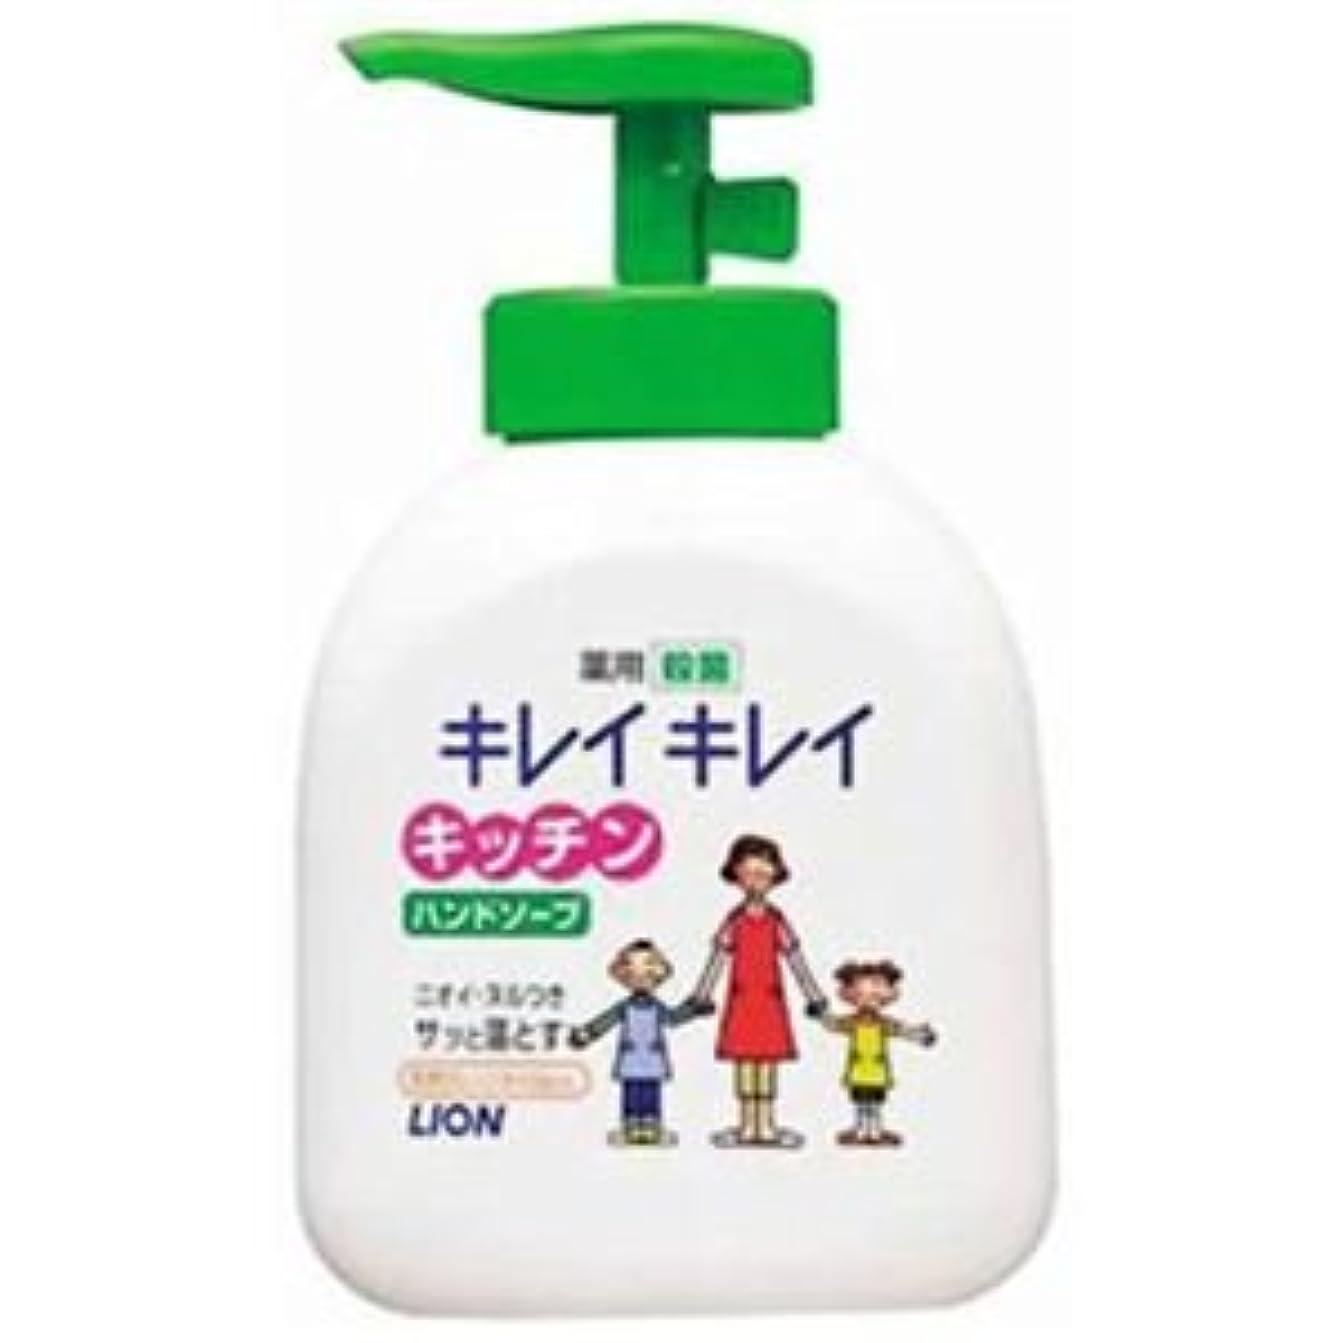 ぬいぐるみピニオンハブキレイキレイ 薬用キッチンハンドソープ 250ml 5セット